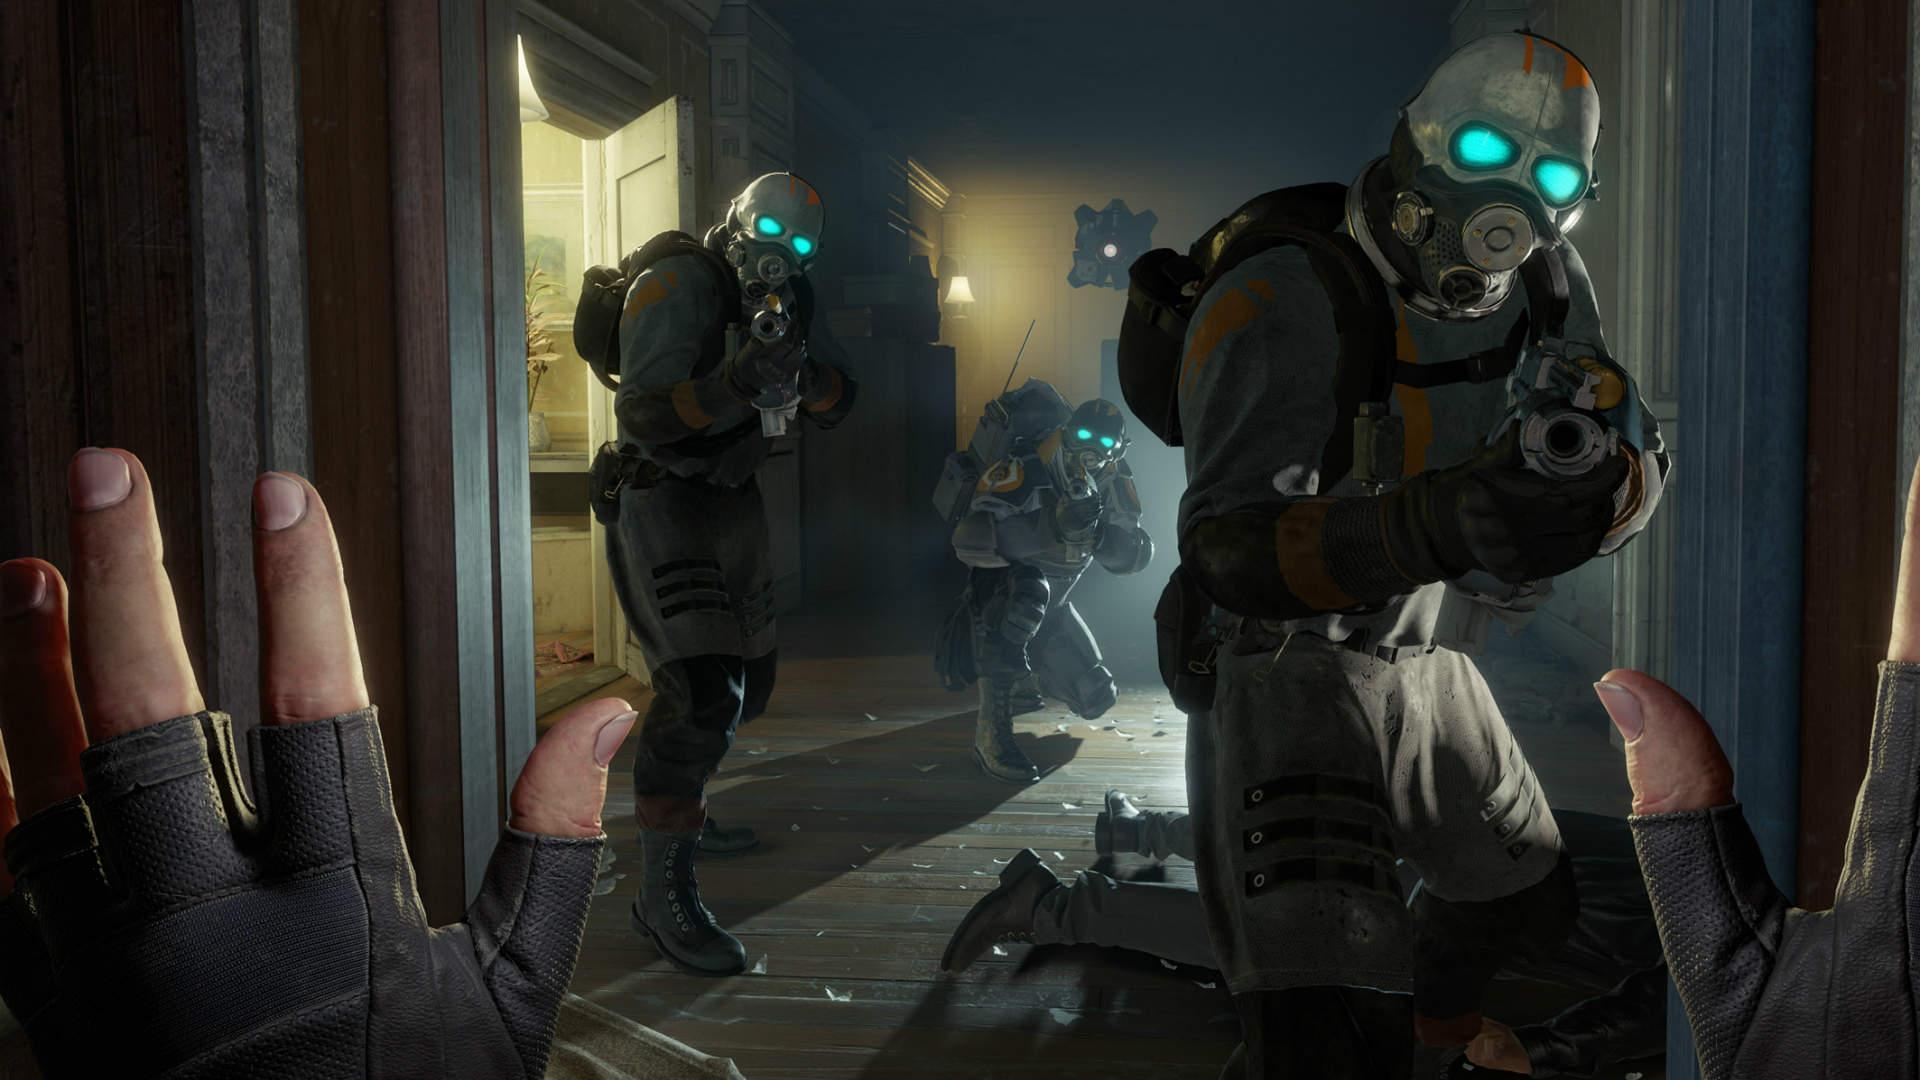 نمرات Half-Life: Alyx منتشر شد؛ بازگشتی شکوهمندانه!